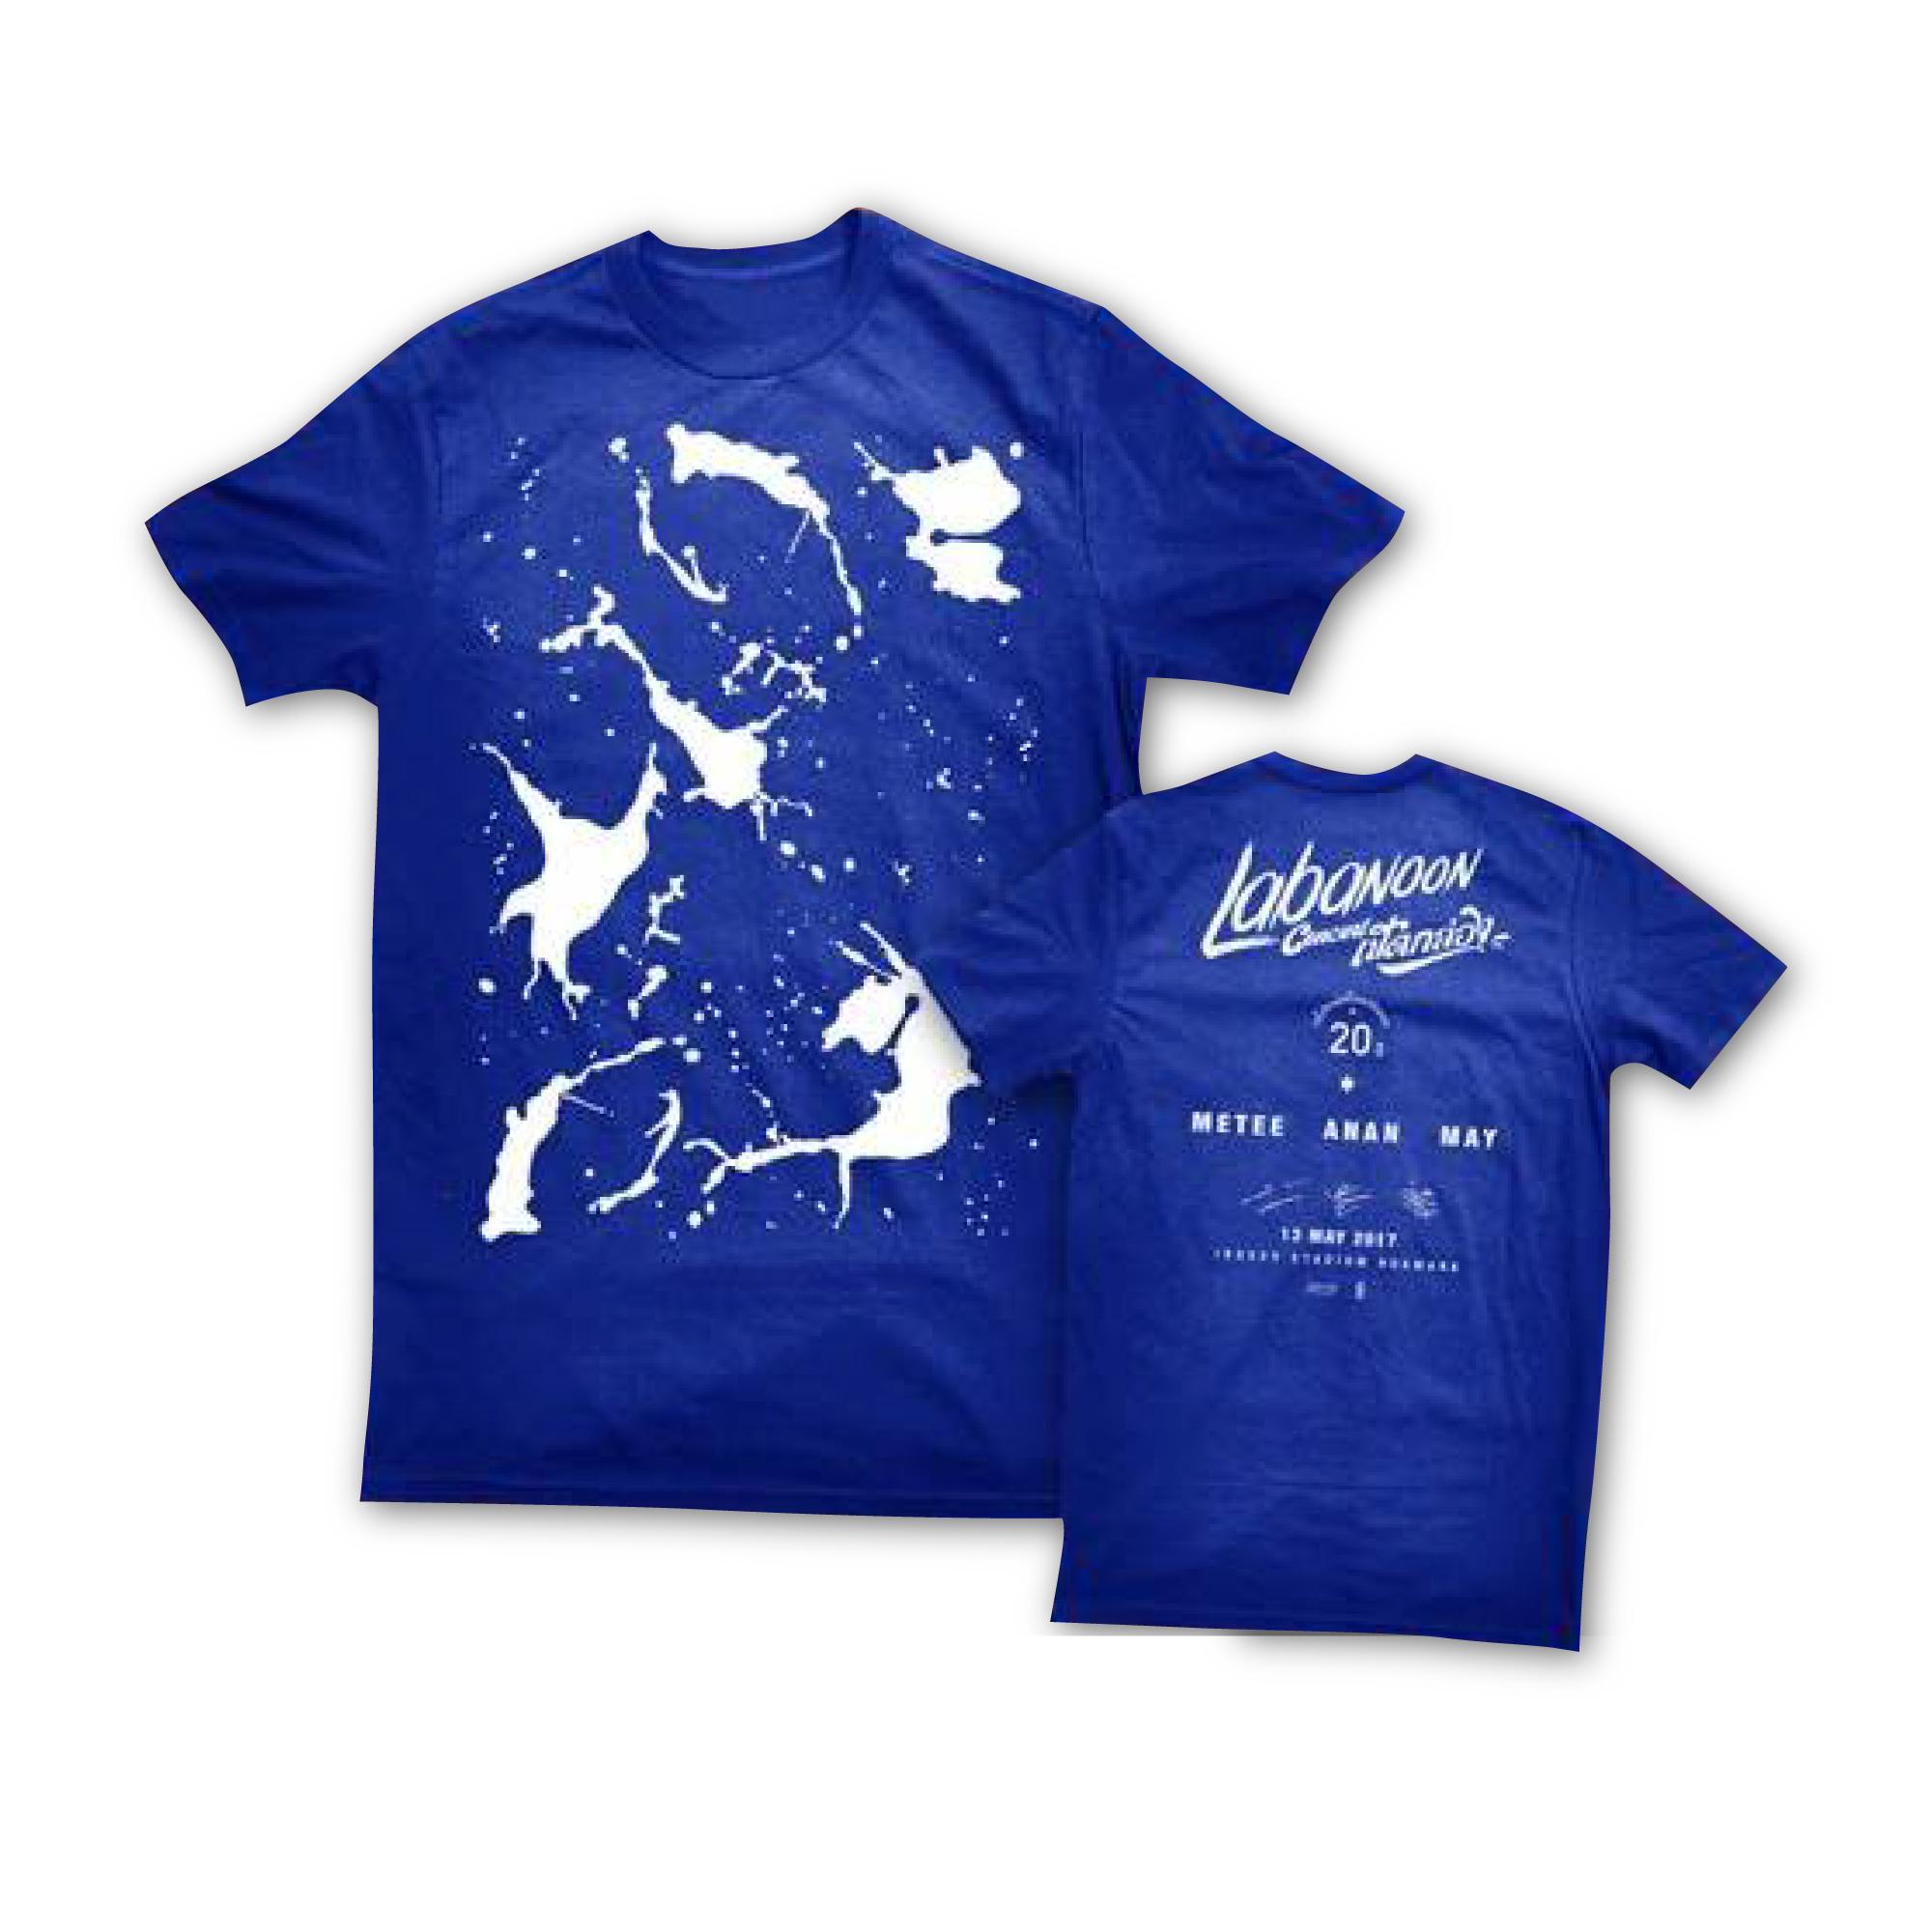 Labanoon เปิดกล่อง T-Shirt สีน้ำเงิน